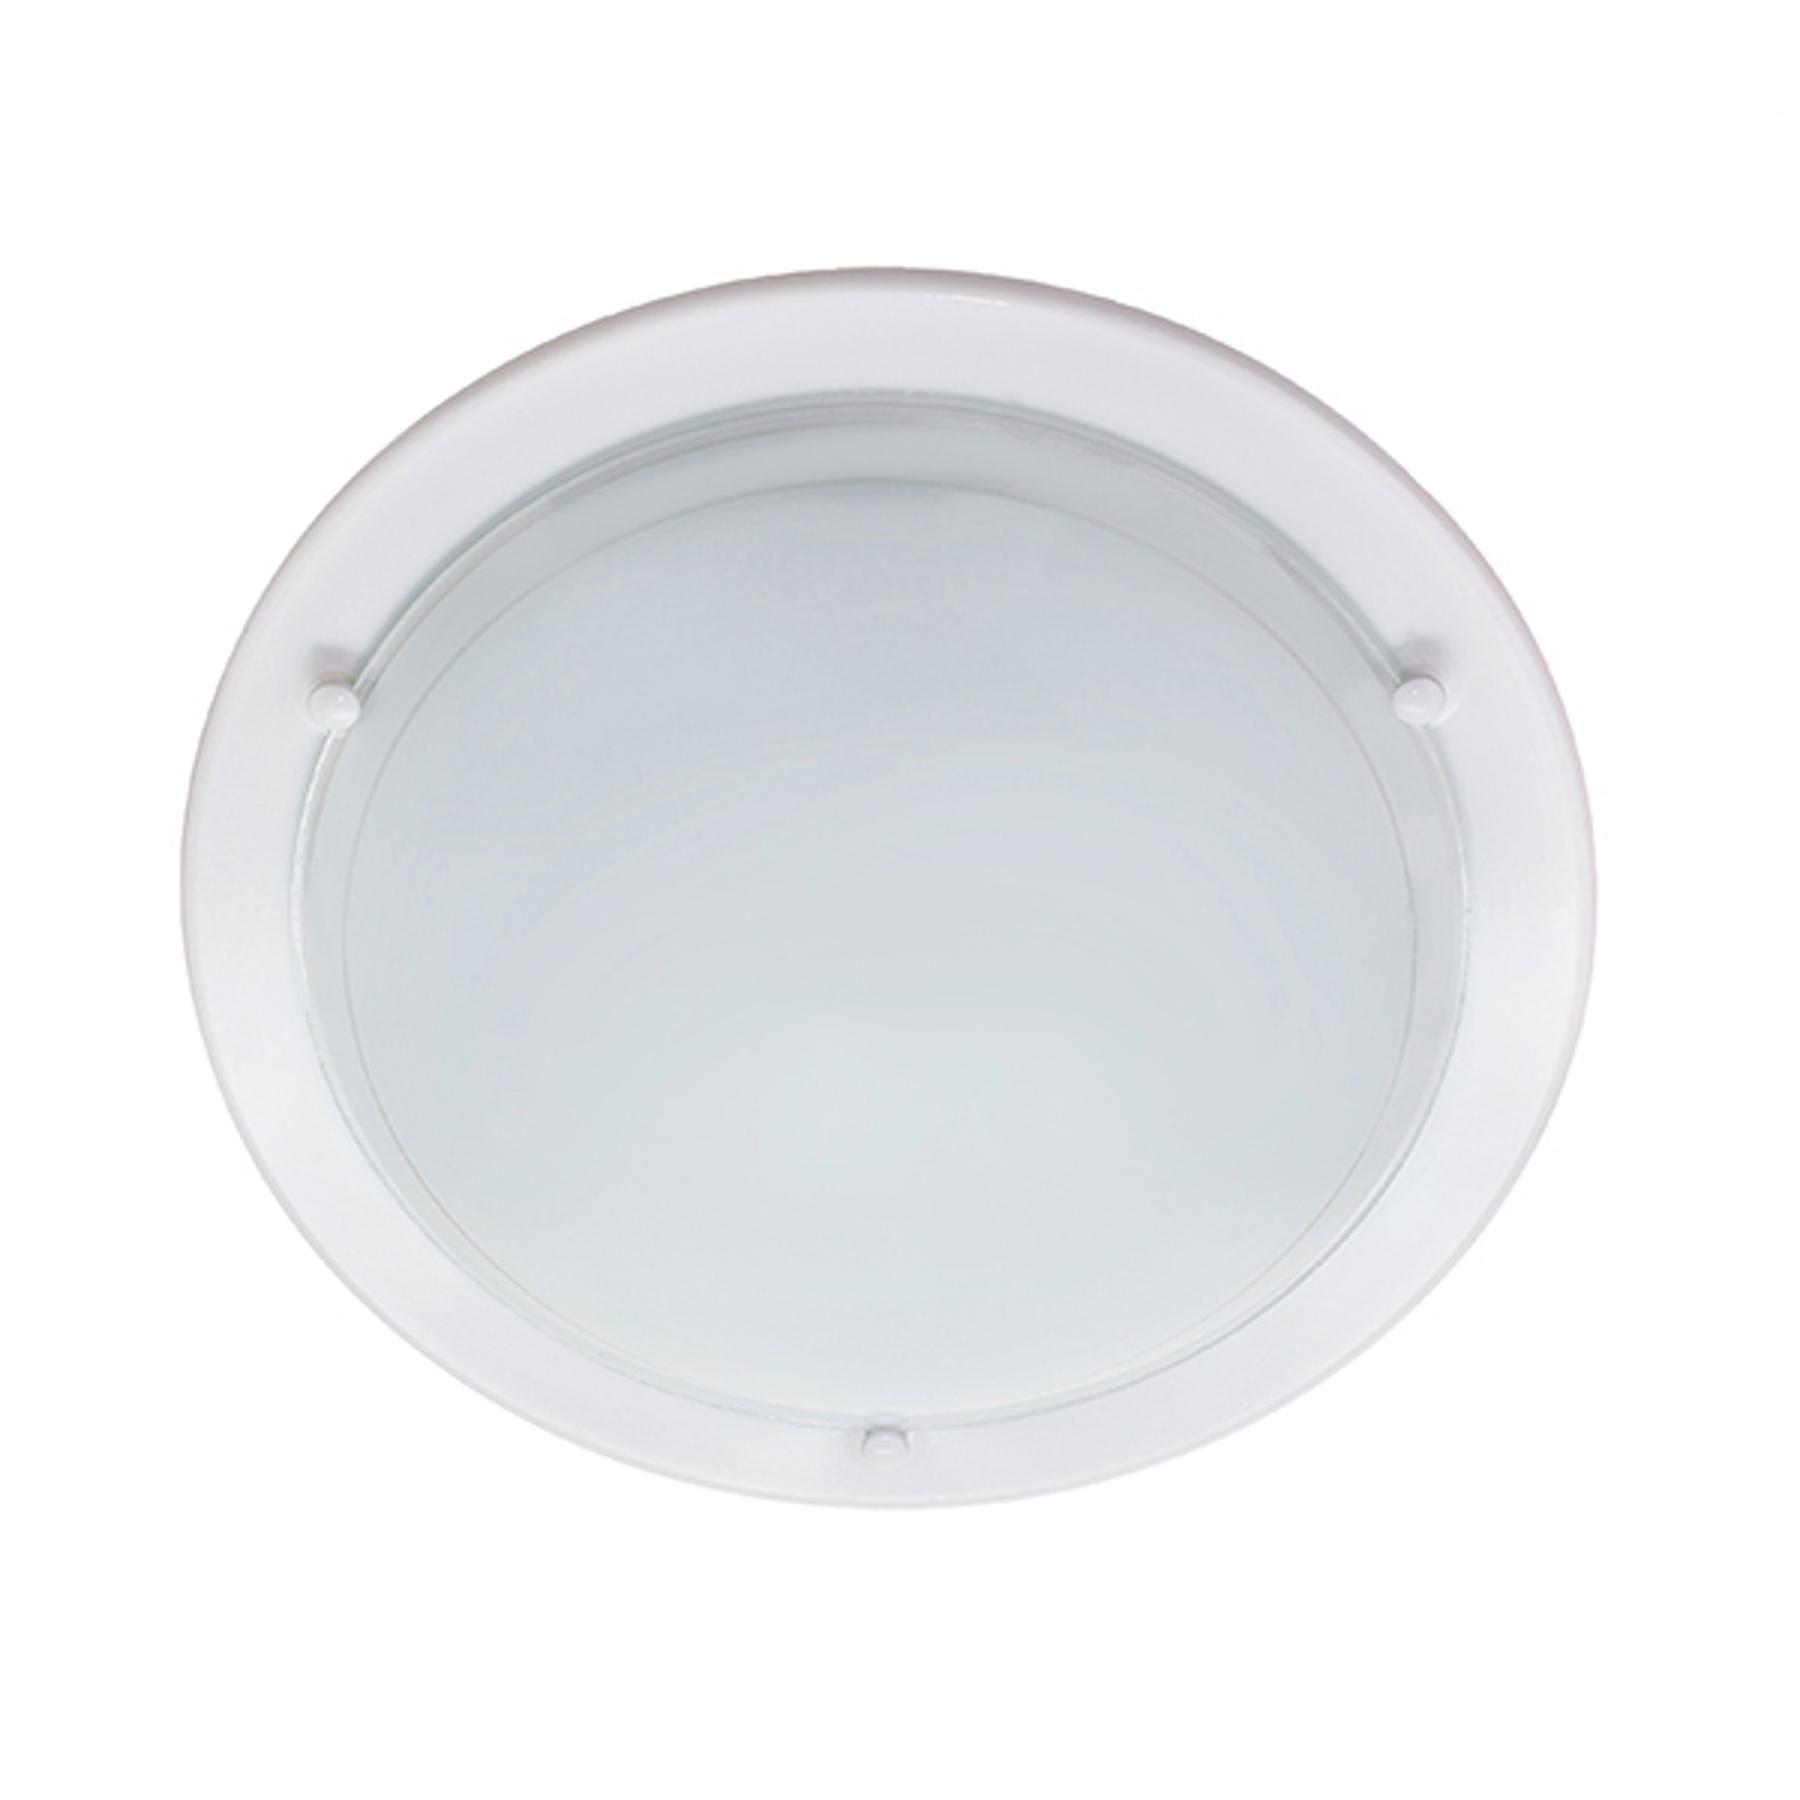 Kattovalaisin P1B, valkoinen